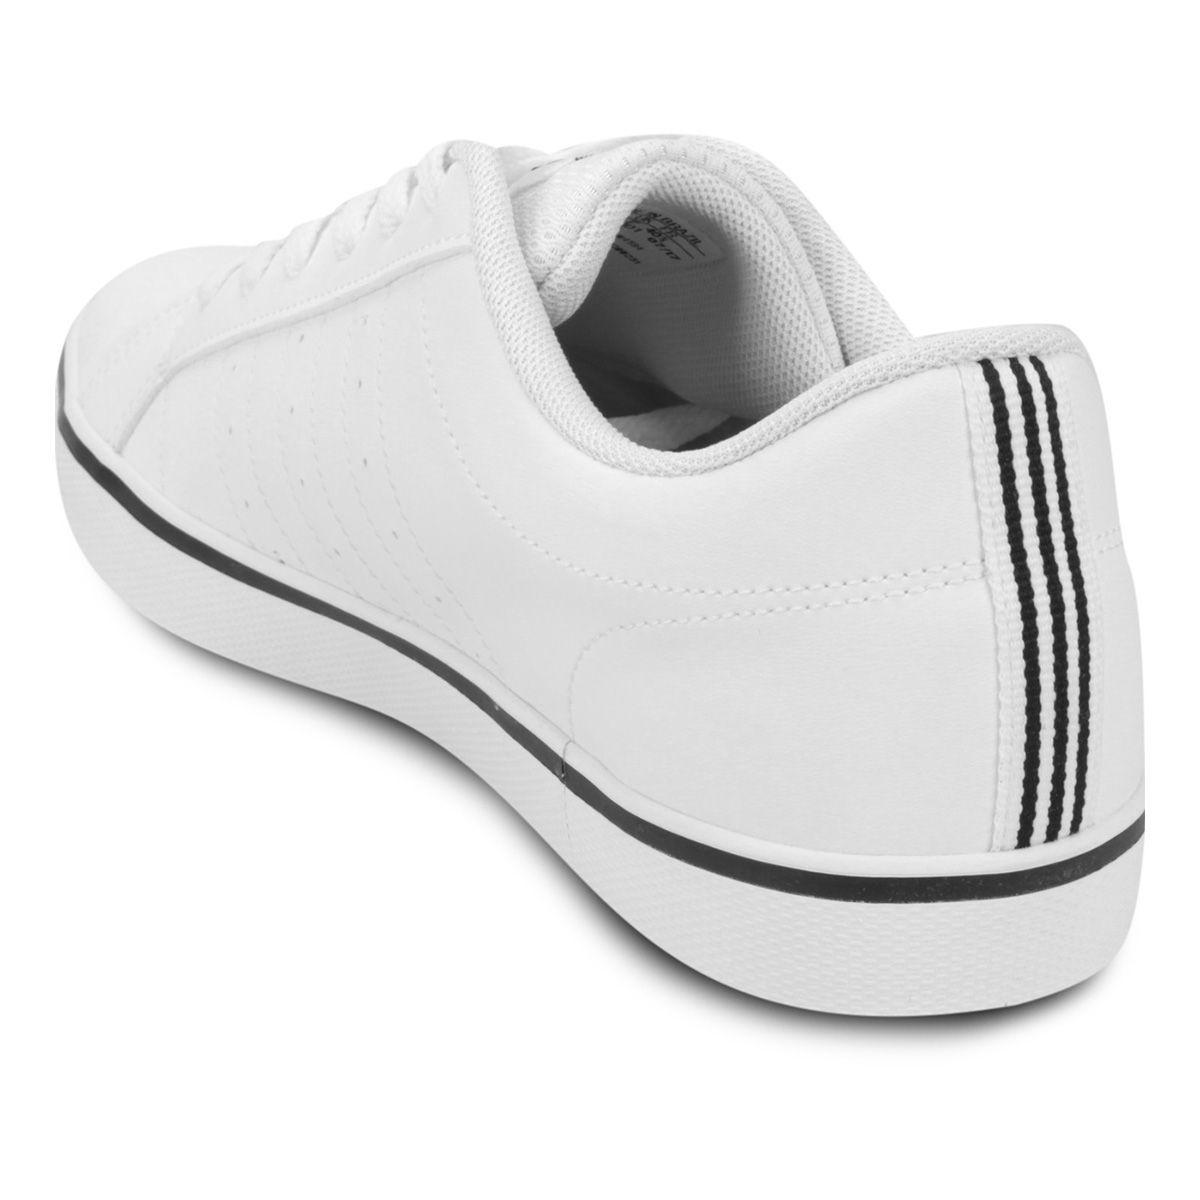 45d9e1b2698 Tênis Adidas Pace Vs Masculino Branco e Preto - Linha Esporte